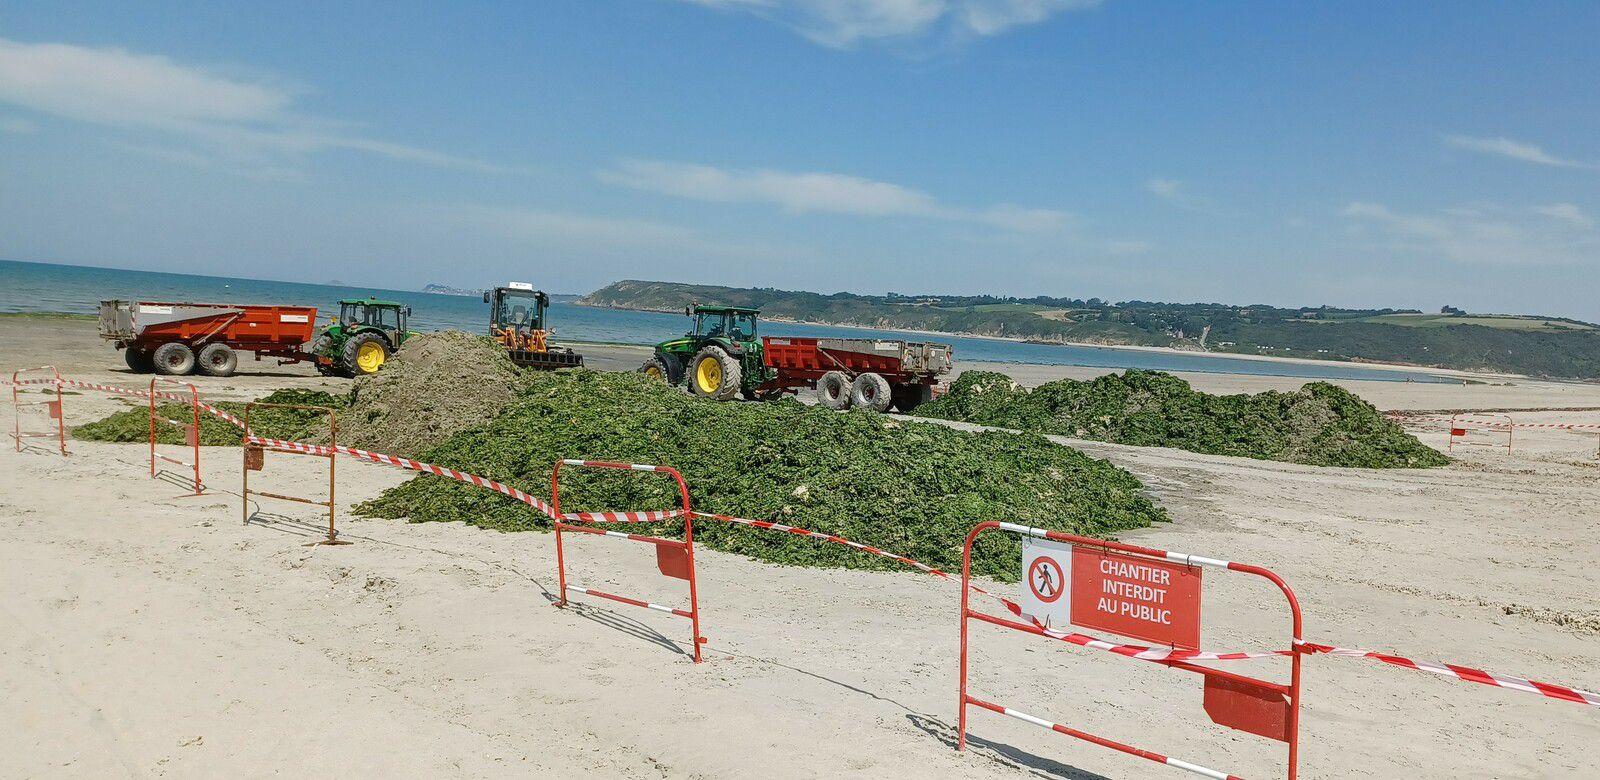 Ramassage algues vertes : Baie de saint Brieuc, plage du Bon Abri à Hillion-22 (19/07/2021)